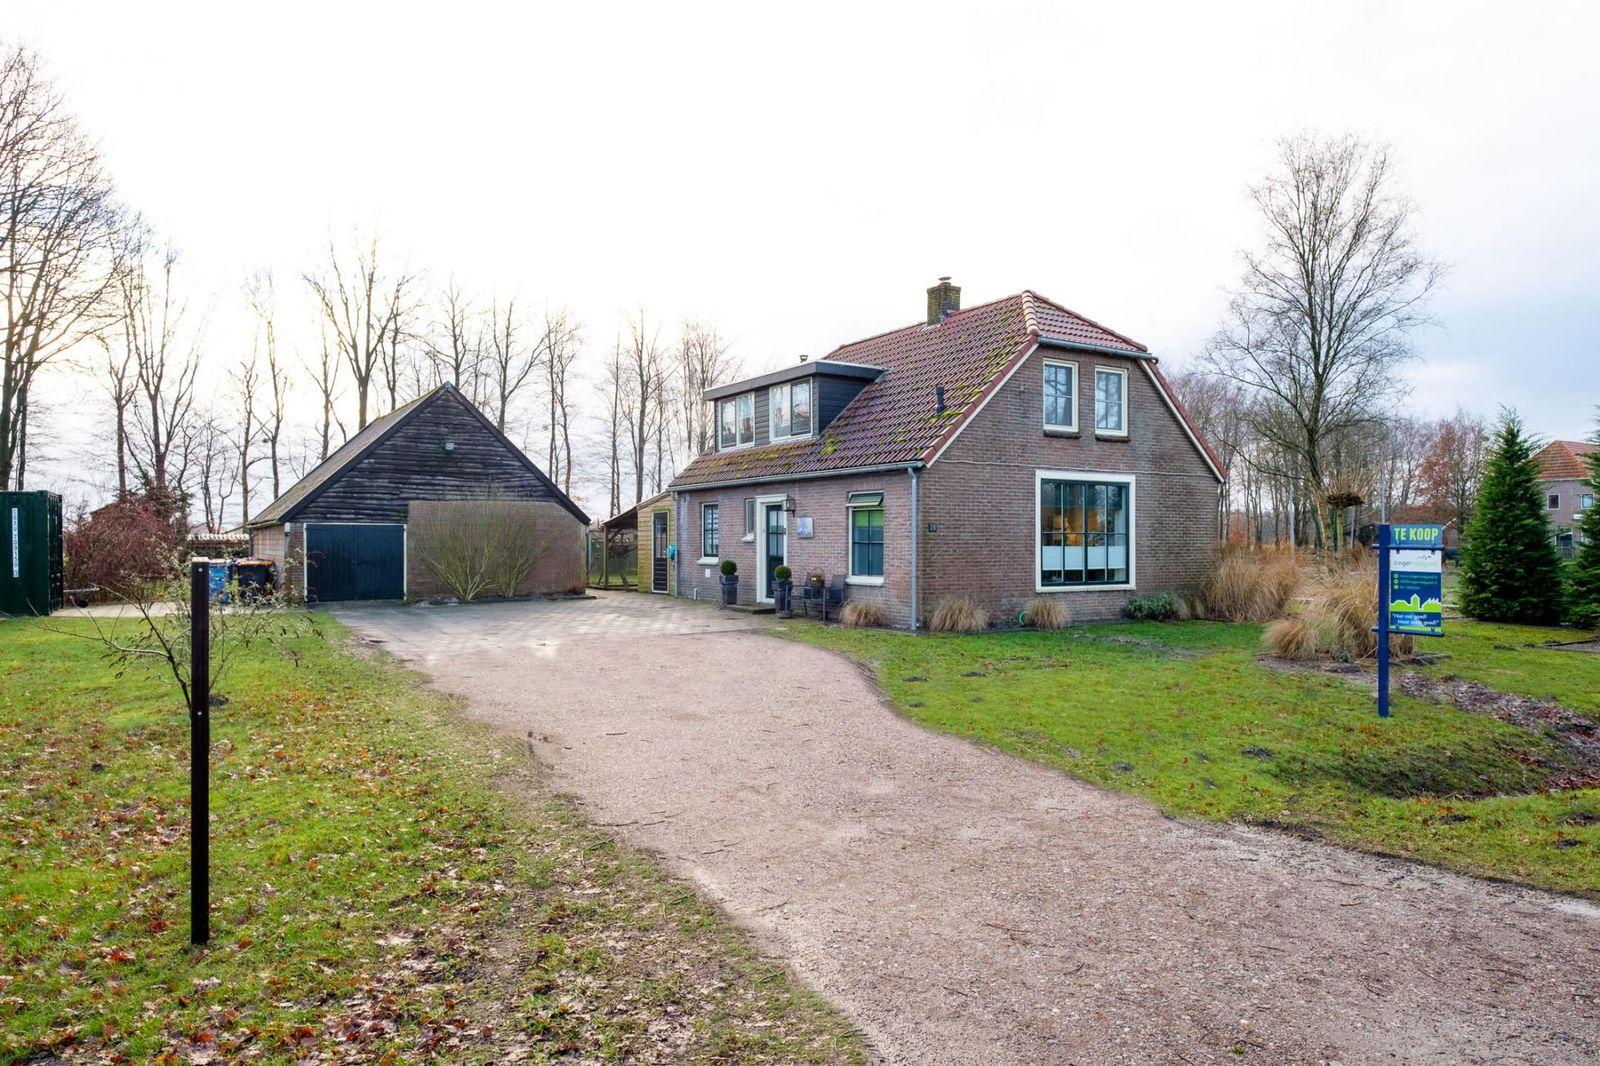 Mr. J.B. Kanweg 18, Witteveen